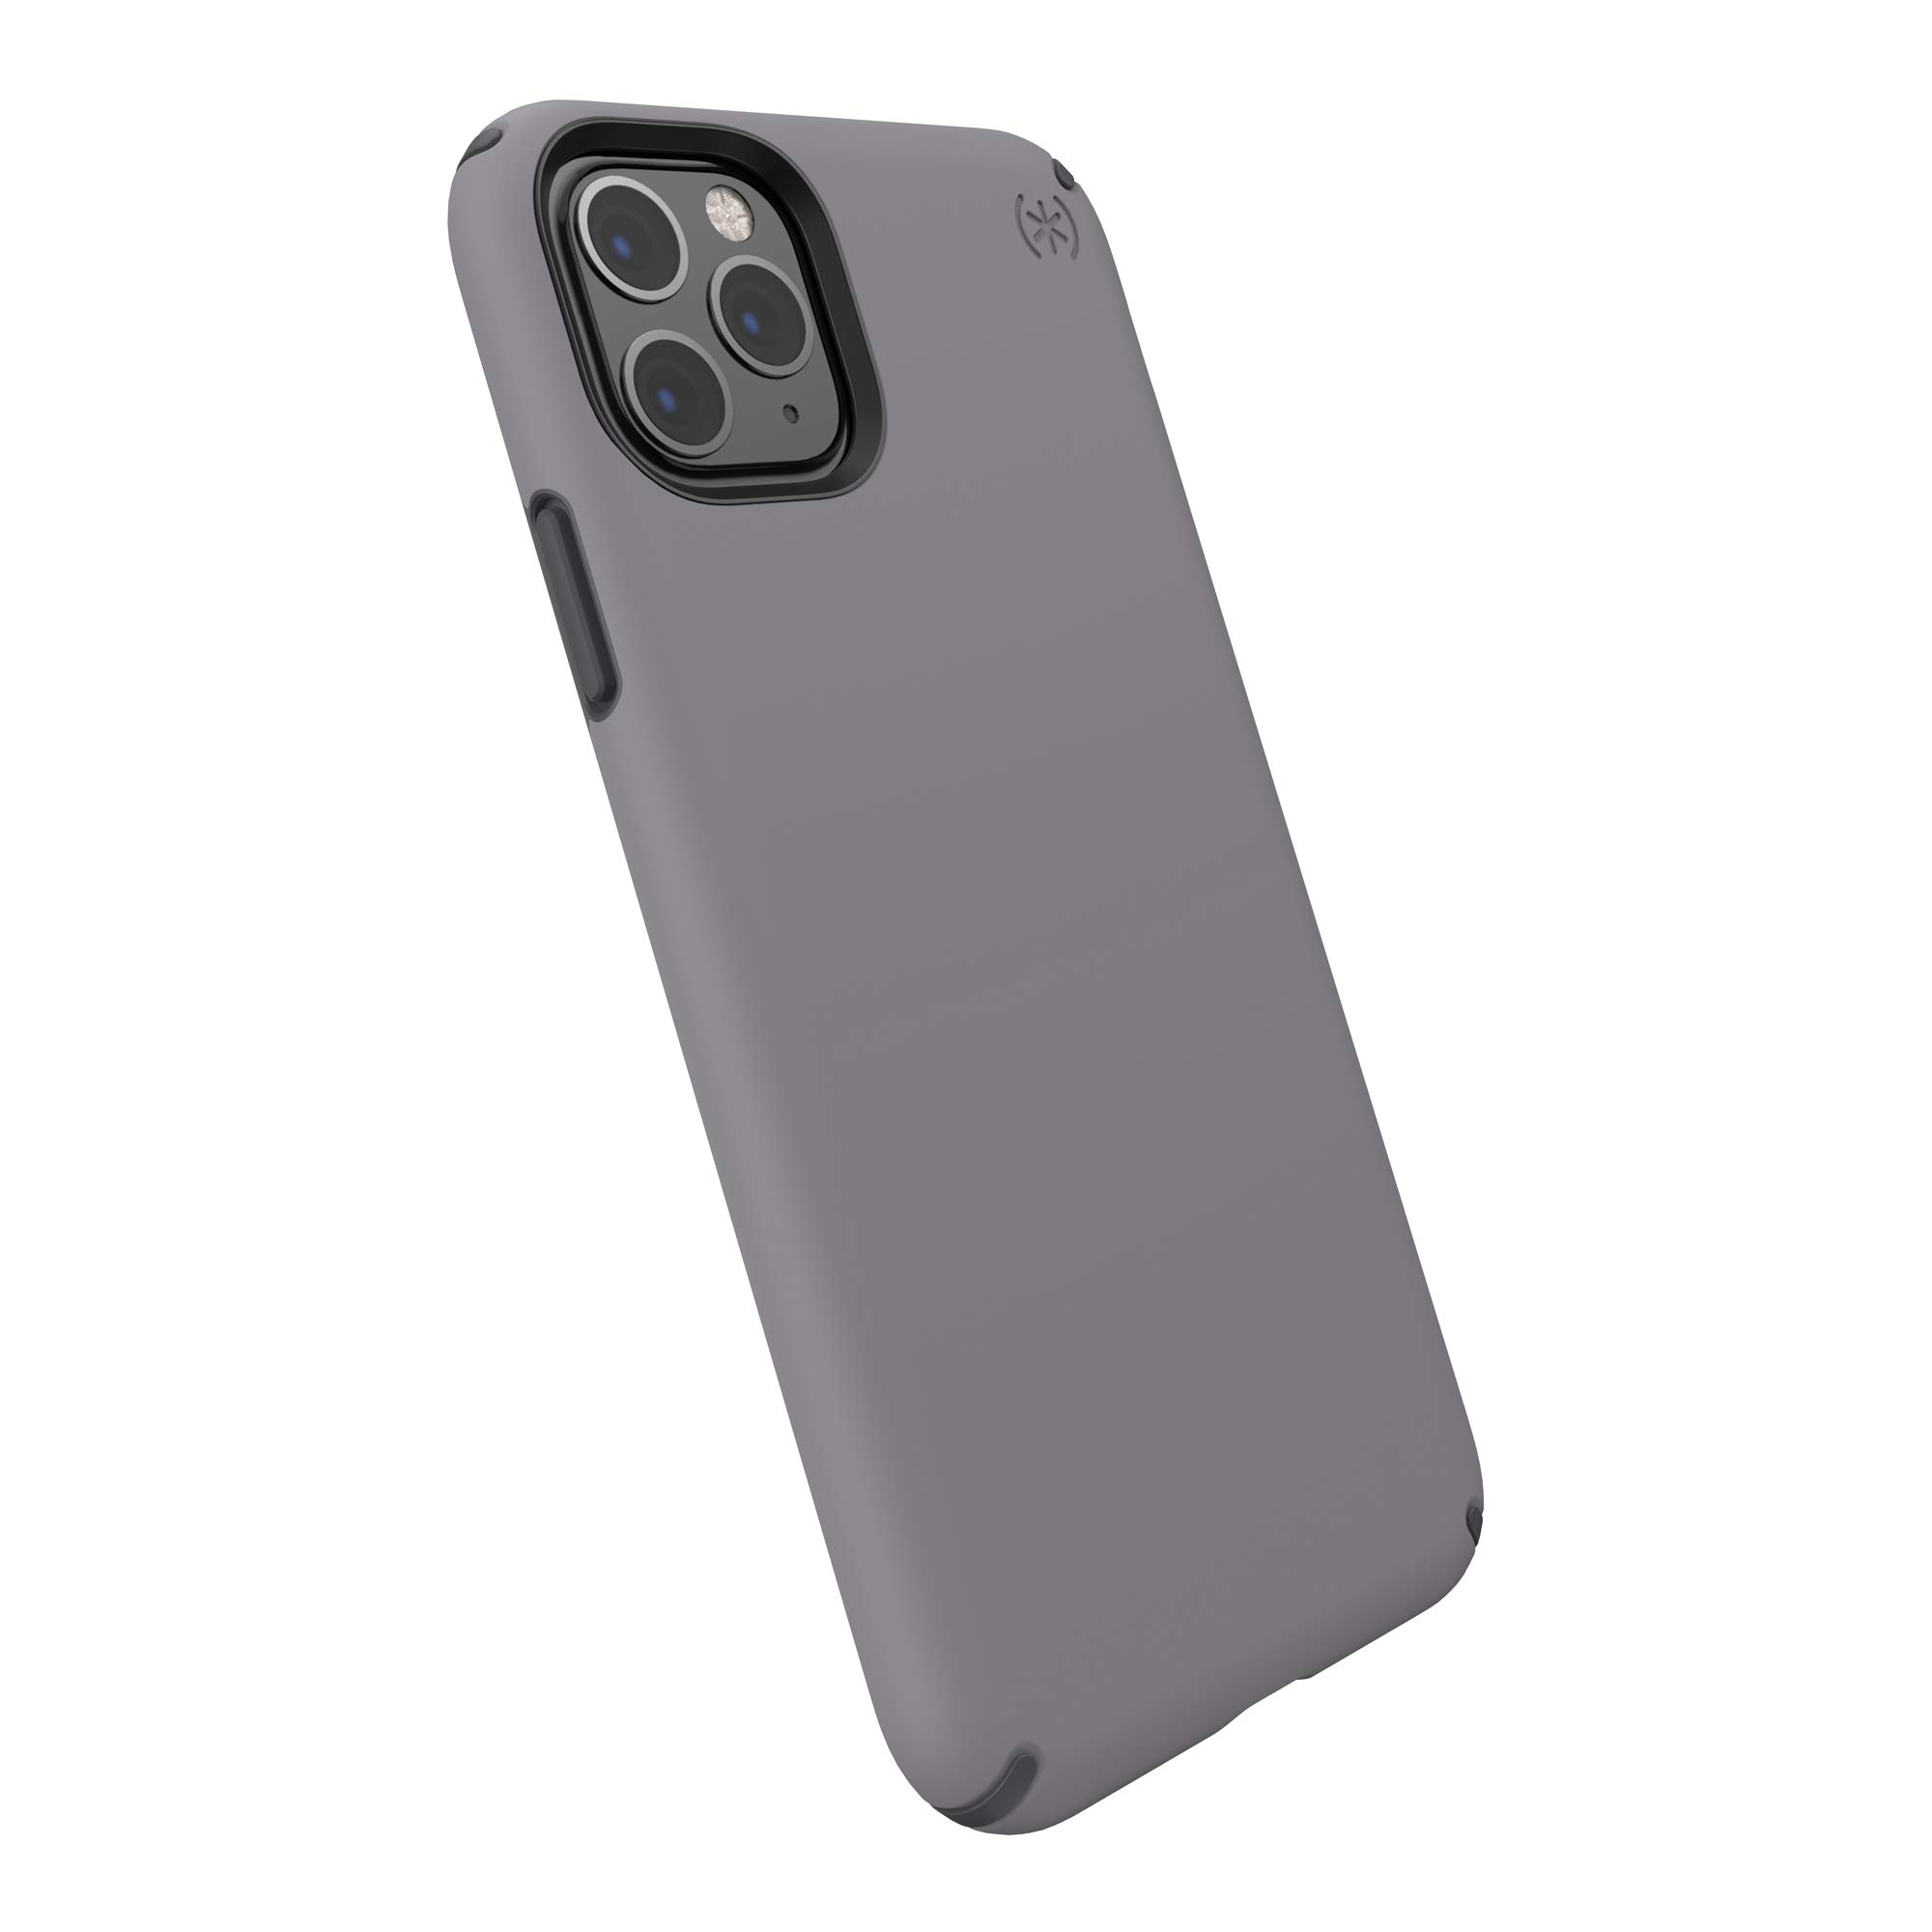 Speck 130025-7684 Presidio Pro iPhone 11 Pro Max Case, Filigree Grey/Slate Grey